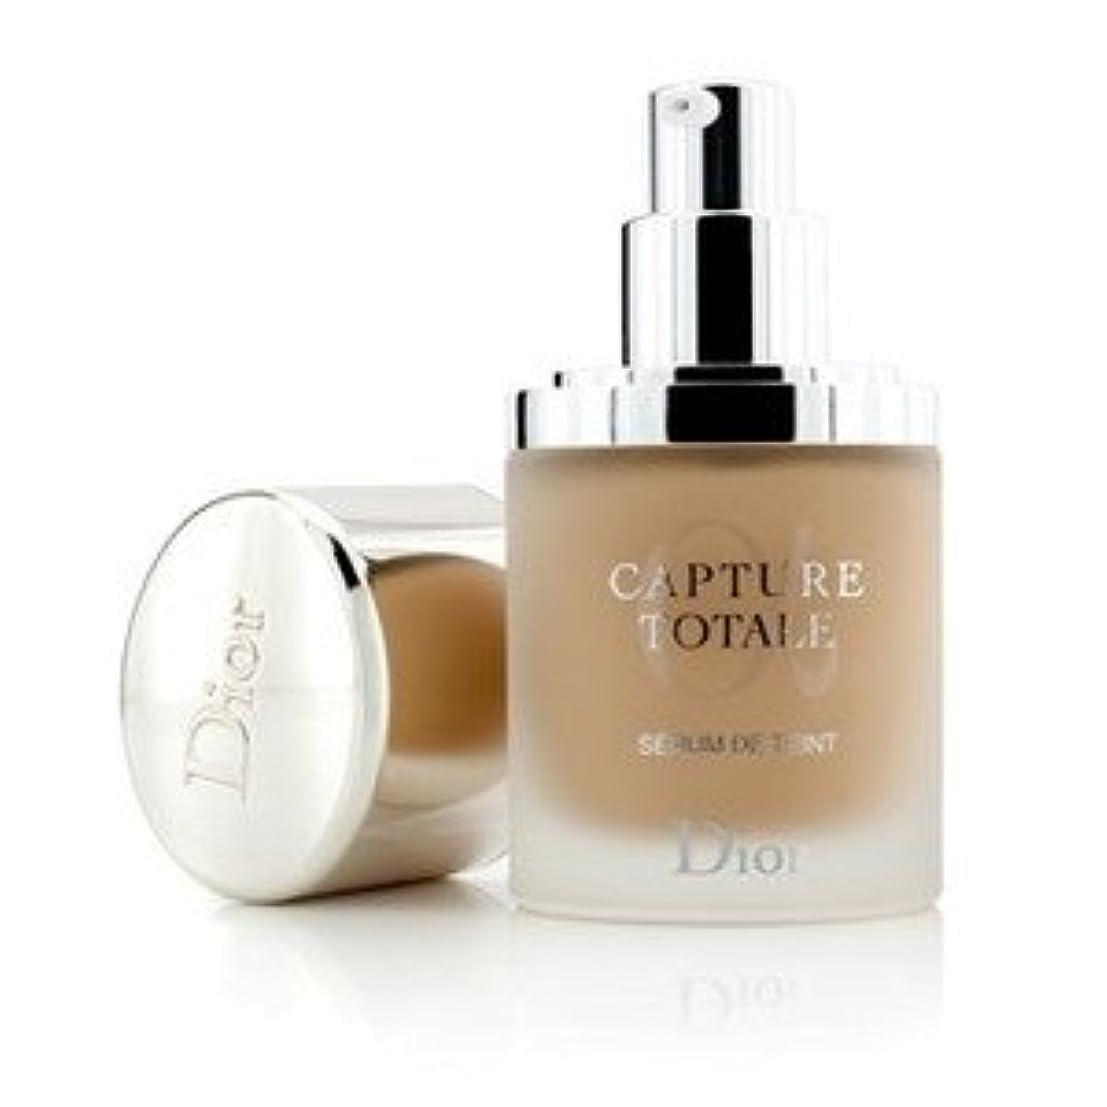 サイクロプス編集者一瞬Dior(ディオール) カプチュール トータル トリプル コレクティング セラム ファンデーション SPF25 #020 Light Beige 30ml/1oz [並行輸入品]